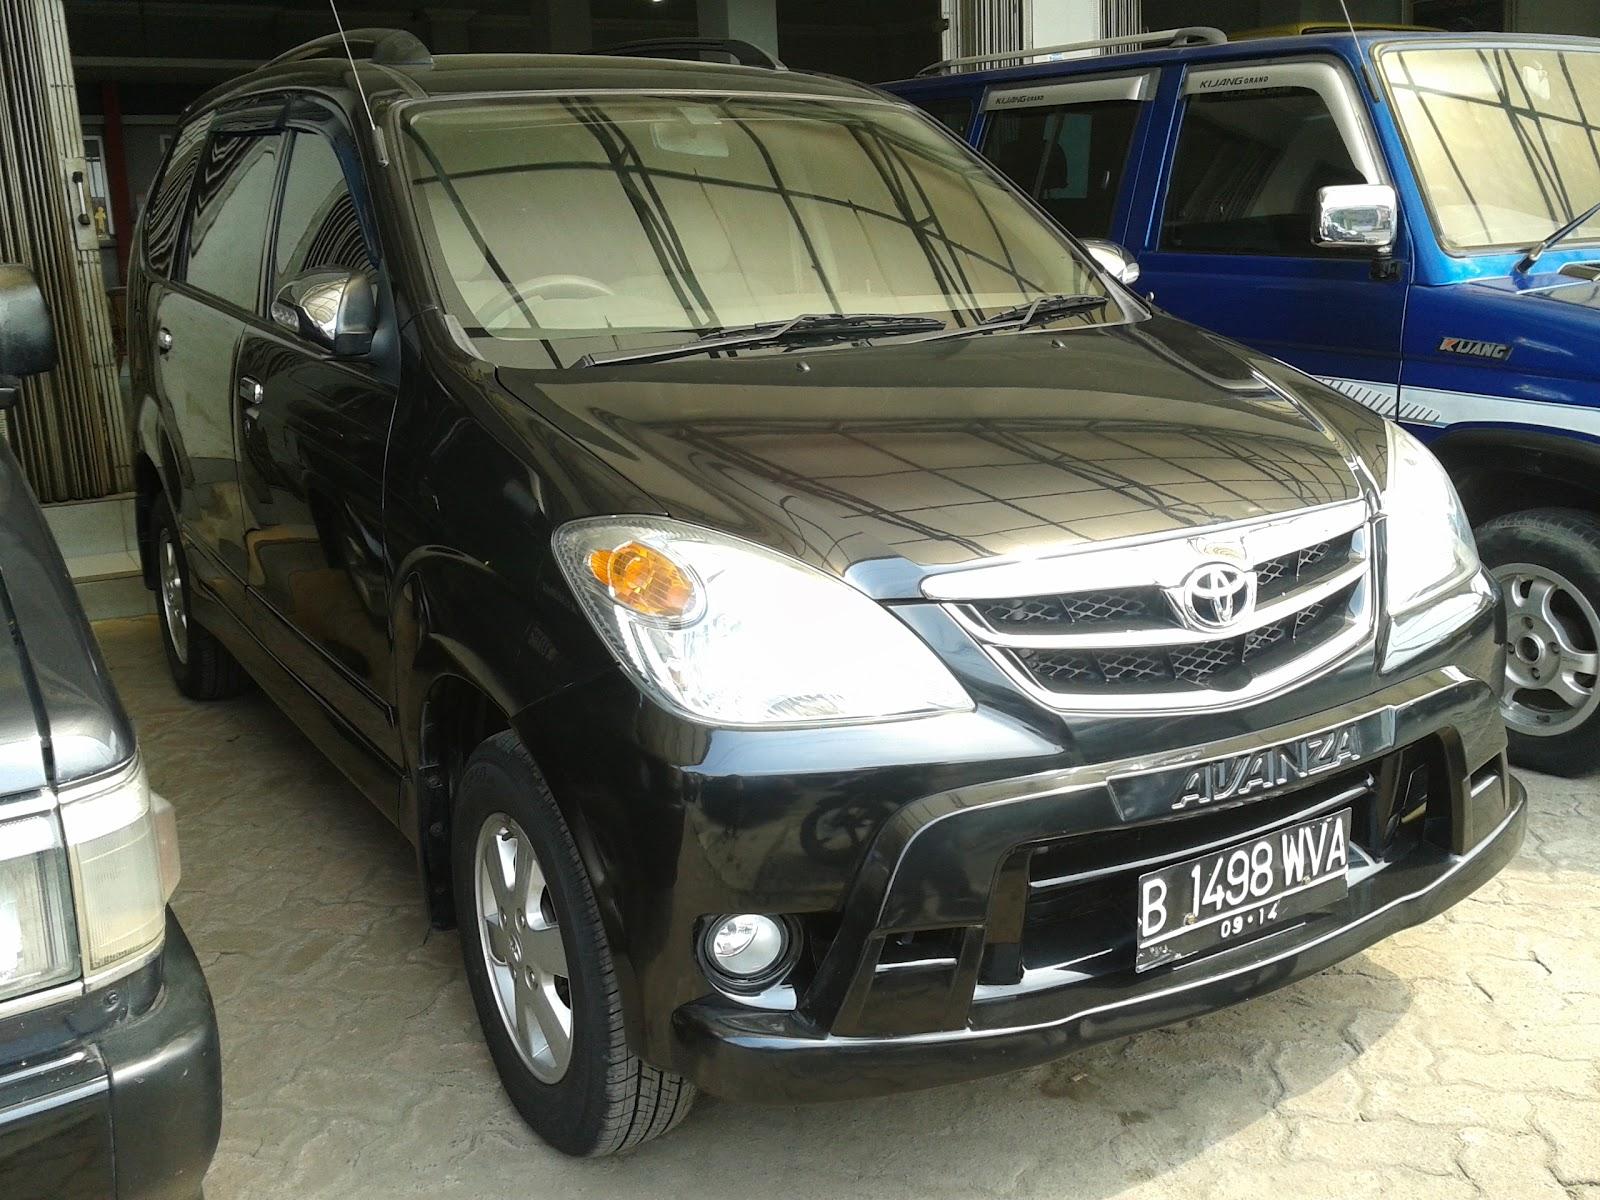 Grand New Avanza G Hitam Veloz 1.5 2015 Simpati Motor Tangerang Jual M T 2008 Metalik